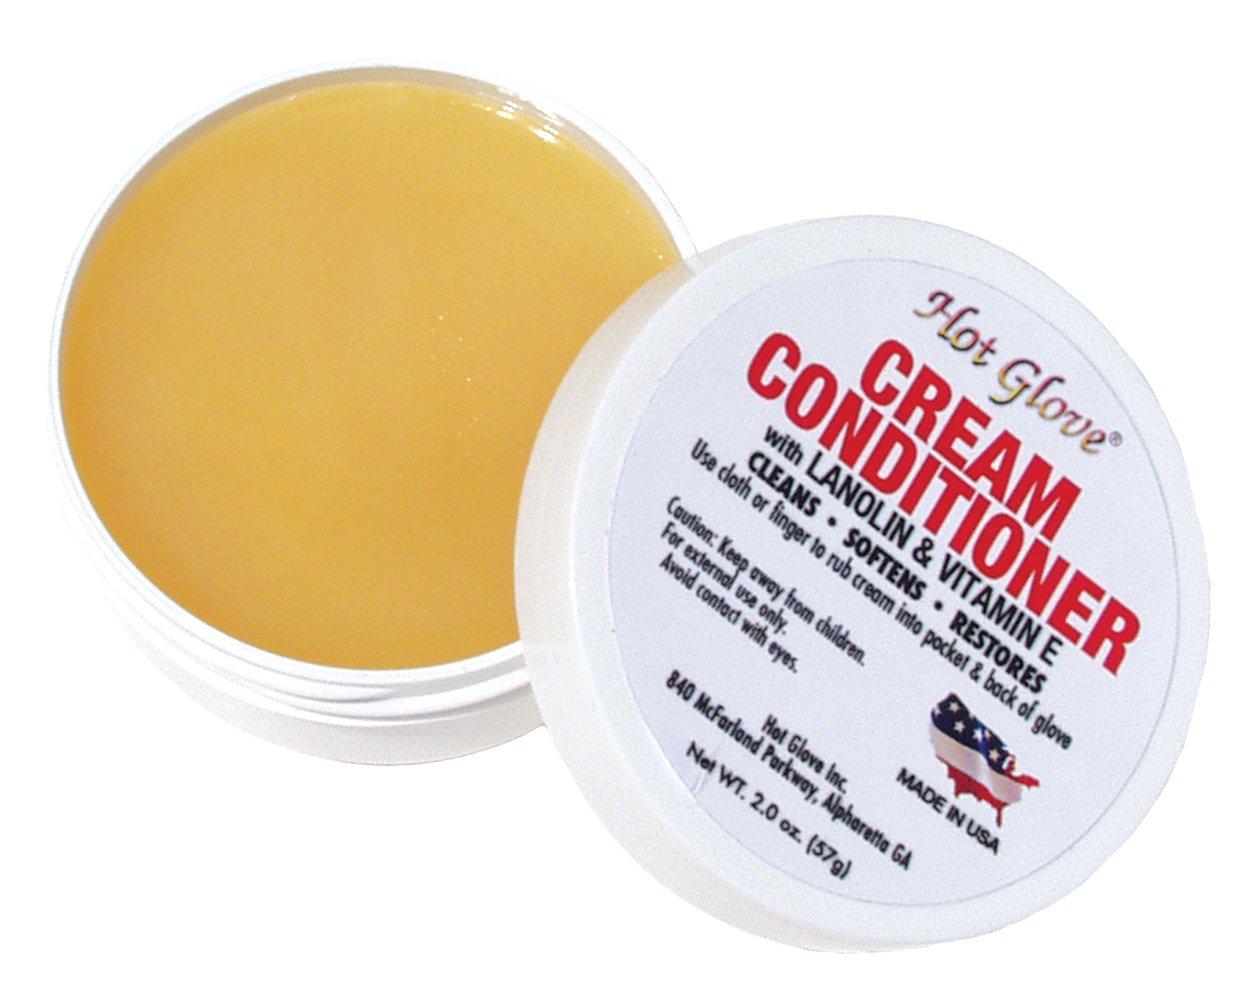 Unique Sports Hot Glove Baseball-Softball Leather Mitt Conditioner Cream-Oil by Unique Sports B0012M8XH2, はな枡 7a870047